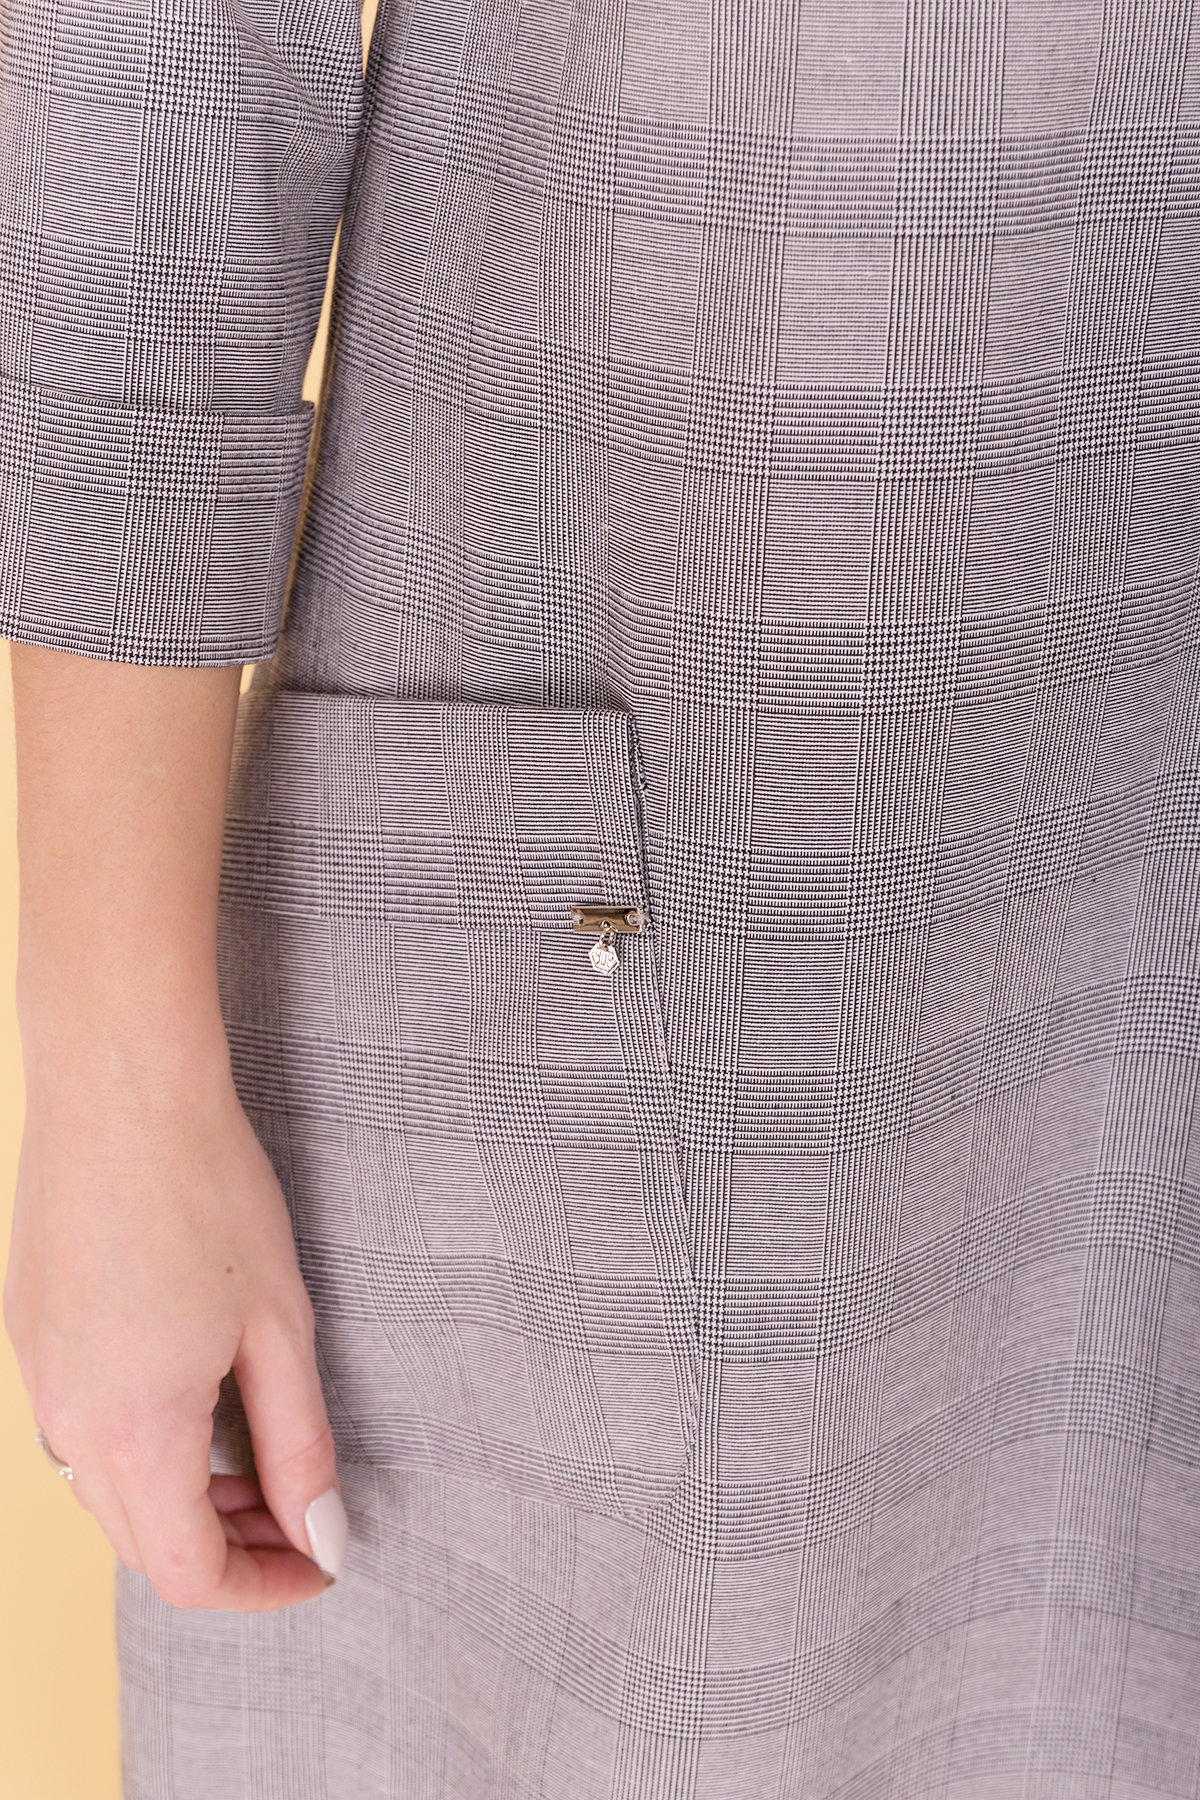 Платье Соул 6305 АРТ. 41067 Цвет: Серый Светлый - фото 4, интернет магазин tm-modus.ru